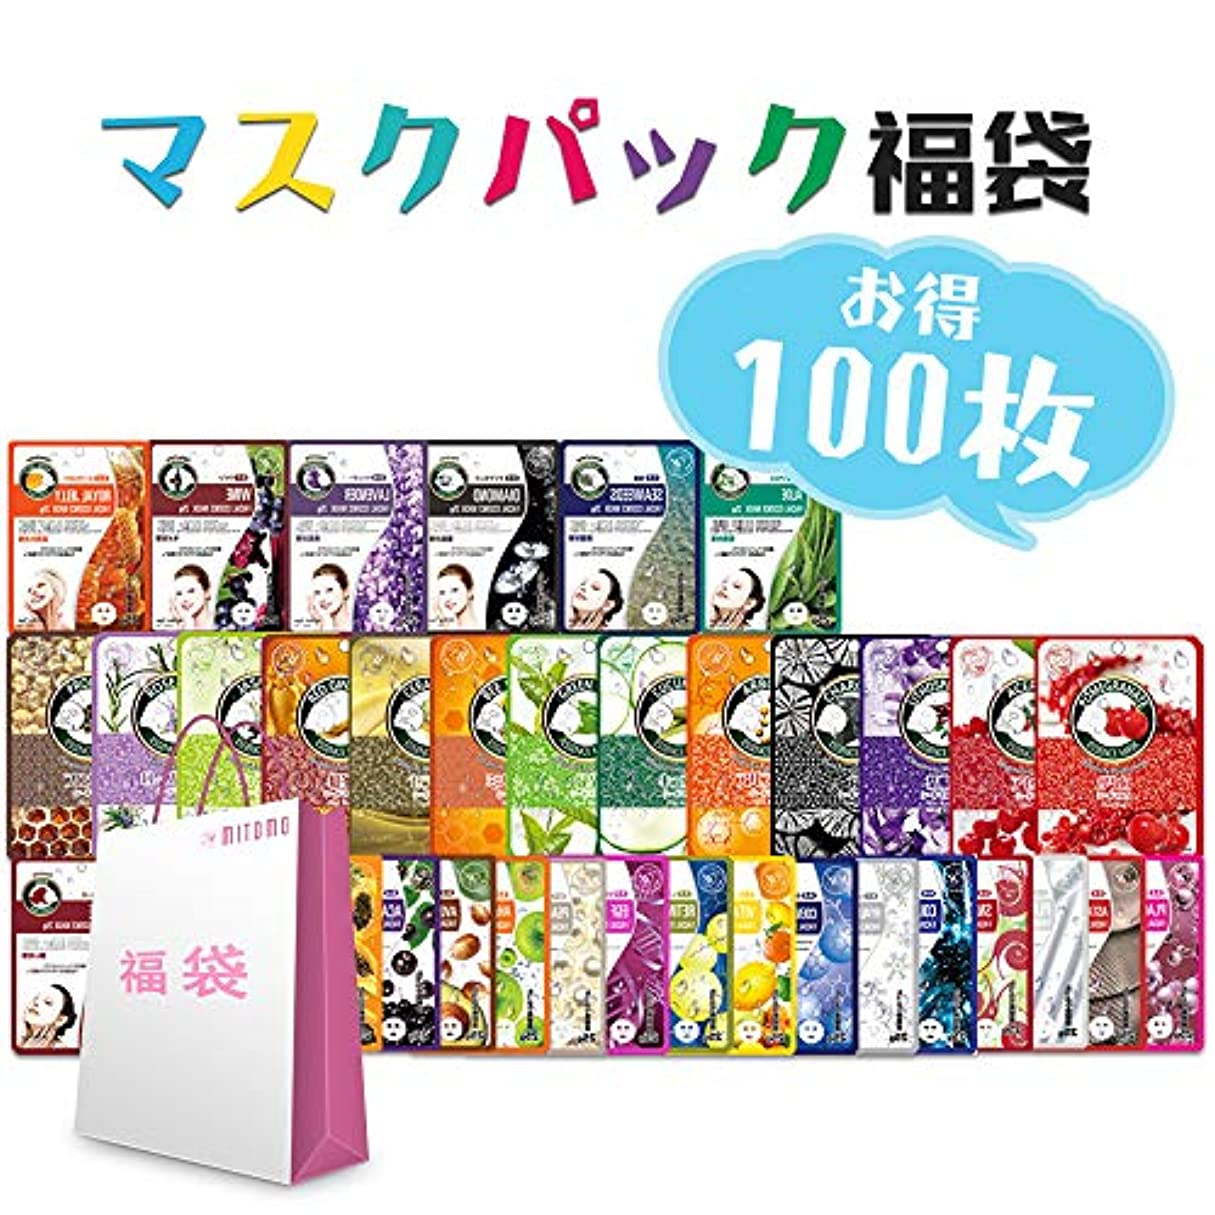 視線廊下冒険者【LBPRJL0100】シートマスク/100枚/美容液/マスクパック/送料無料